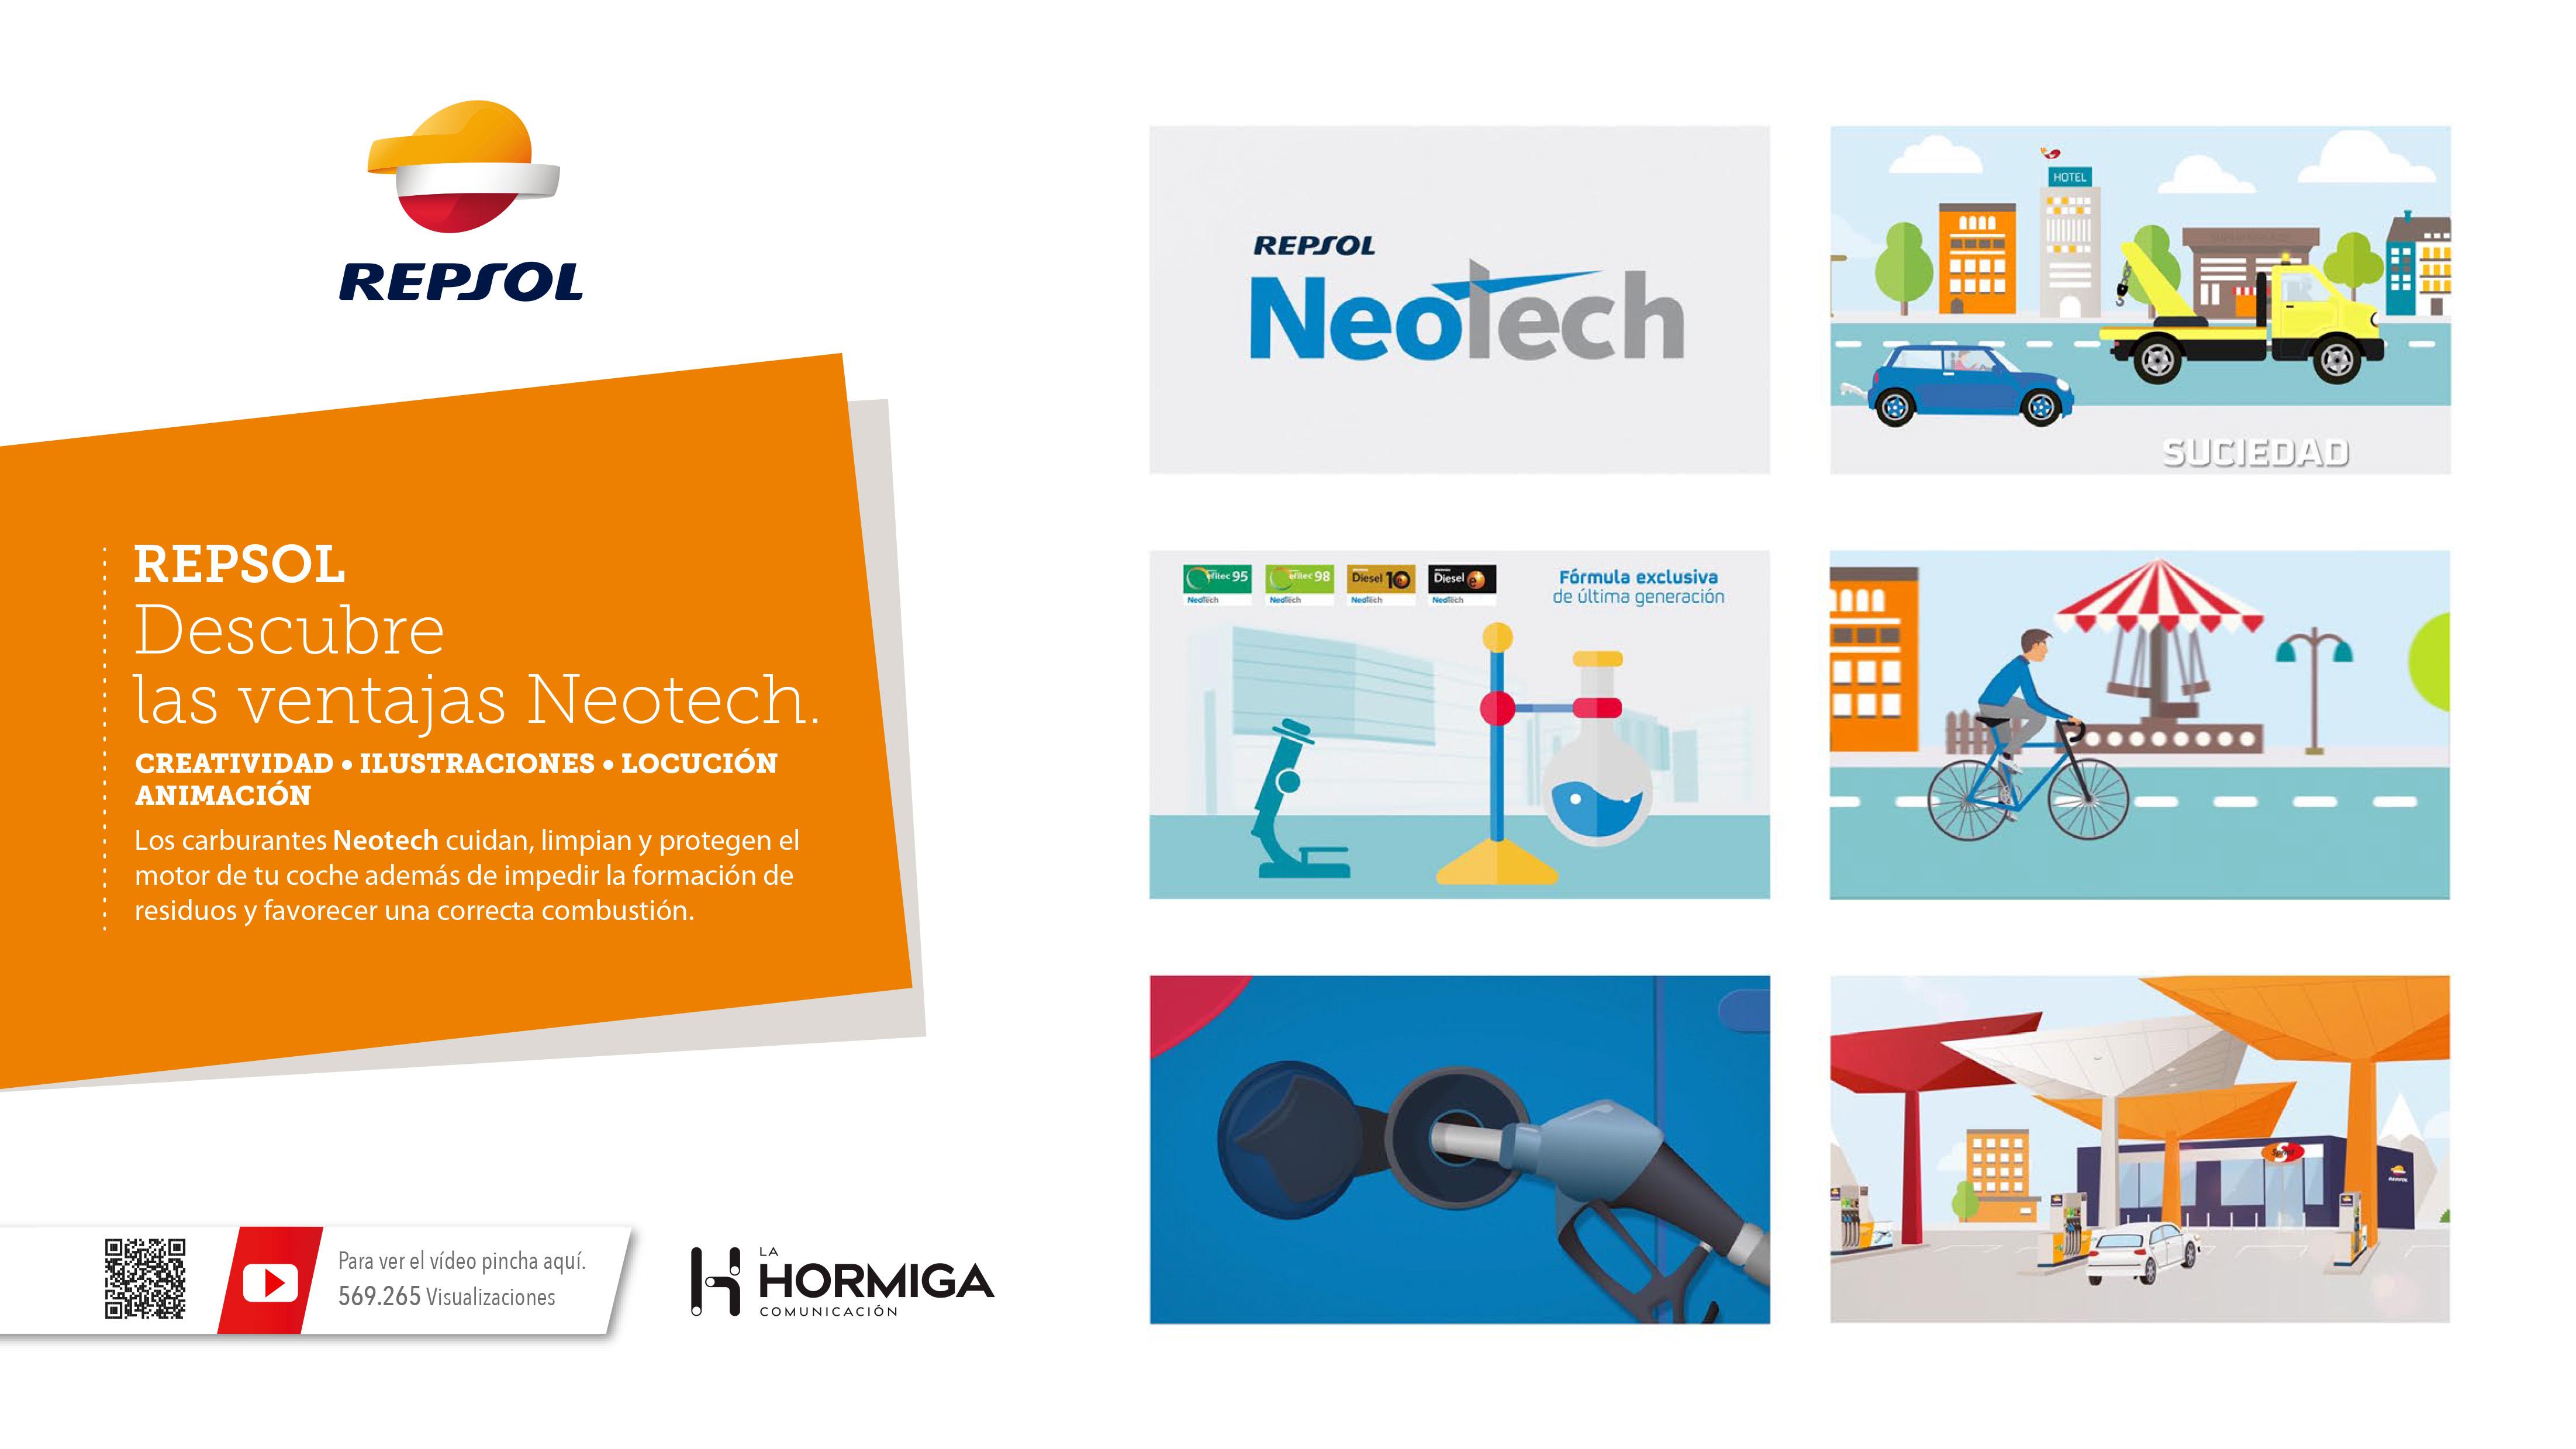 Vídeo Publicitario Repsol  Neotech